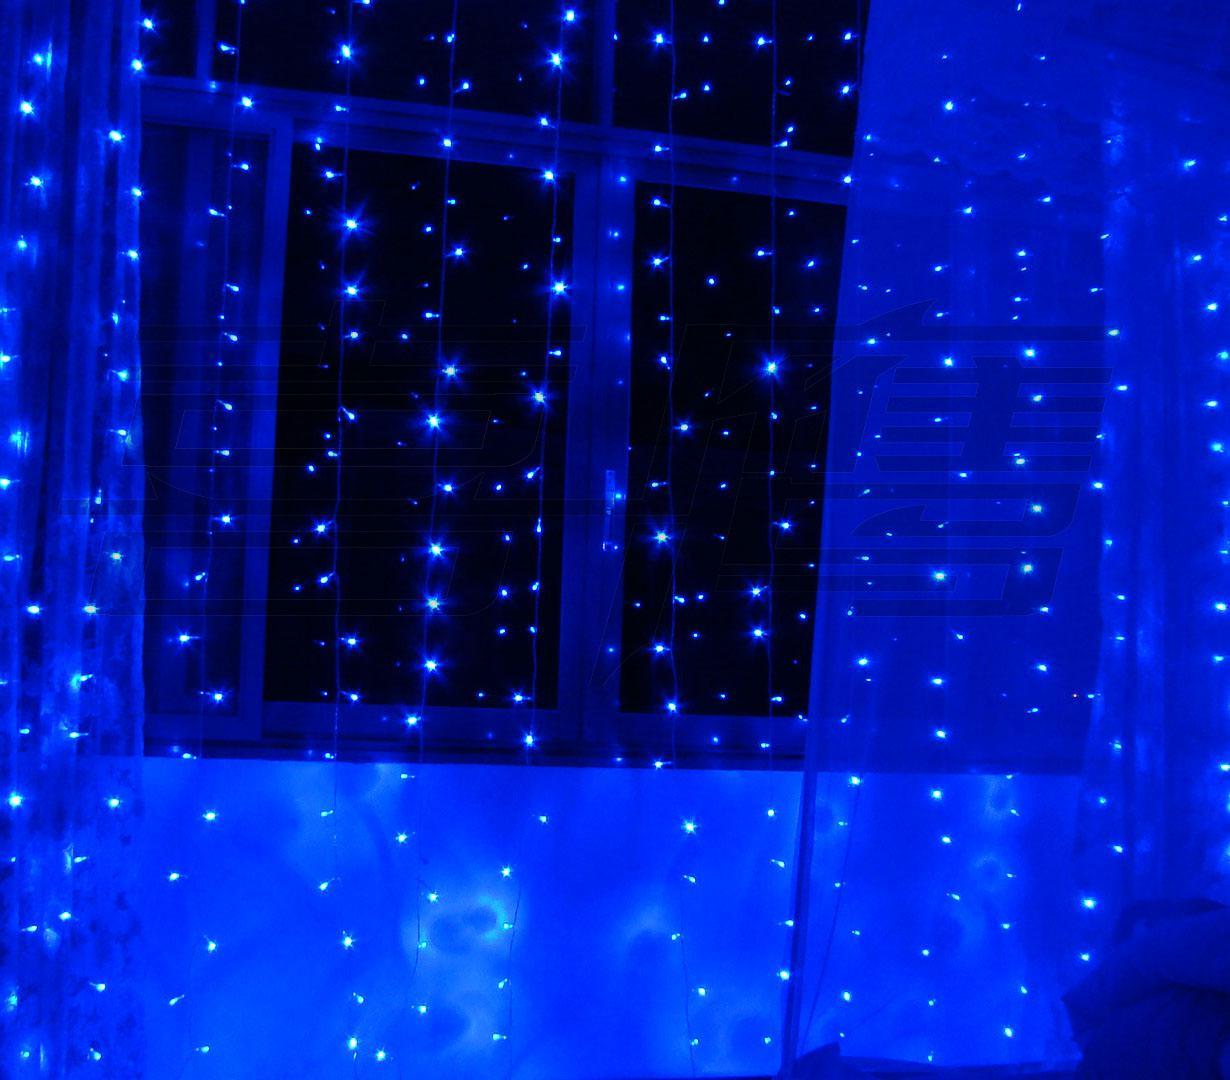 512 luzes LED 4m * 4m luzes de cortina, enfeite de natal luz, flash weddind luzes coloridas, luzes de fada impermeável led luz de iluminação de tira